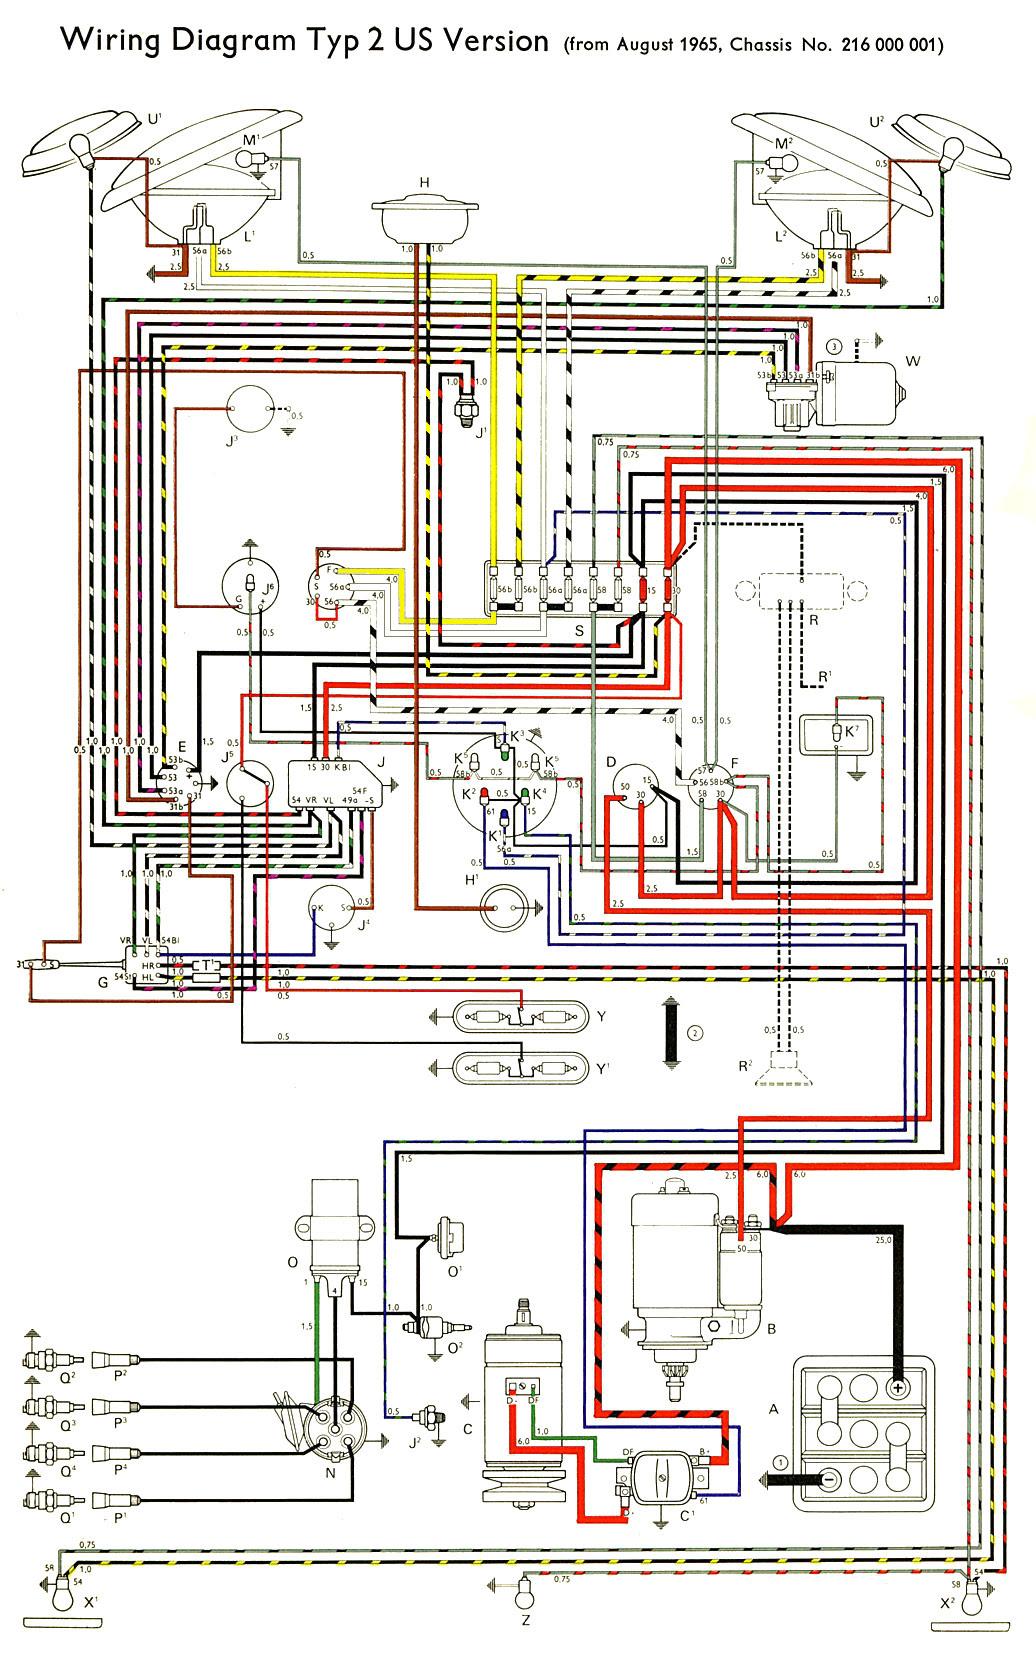 1968 C10 Wiring Diagram Gota Wiring Diagram